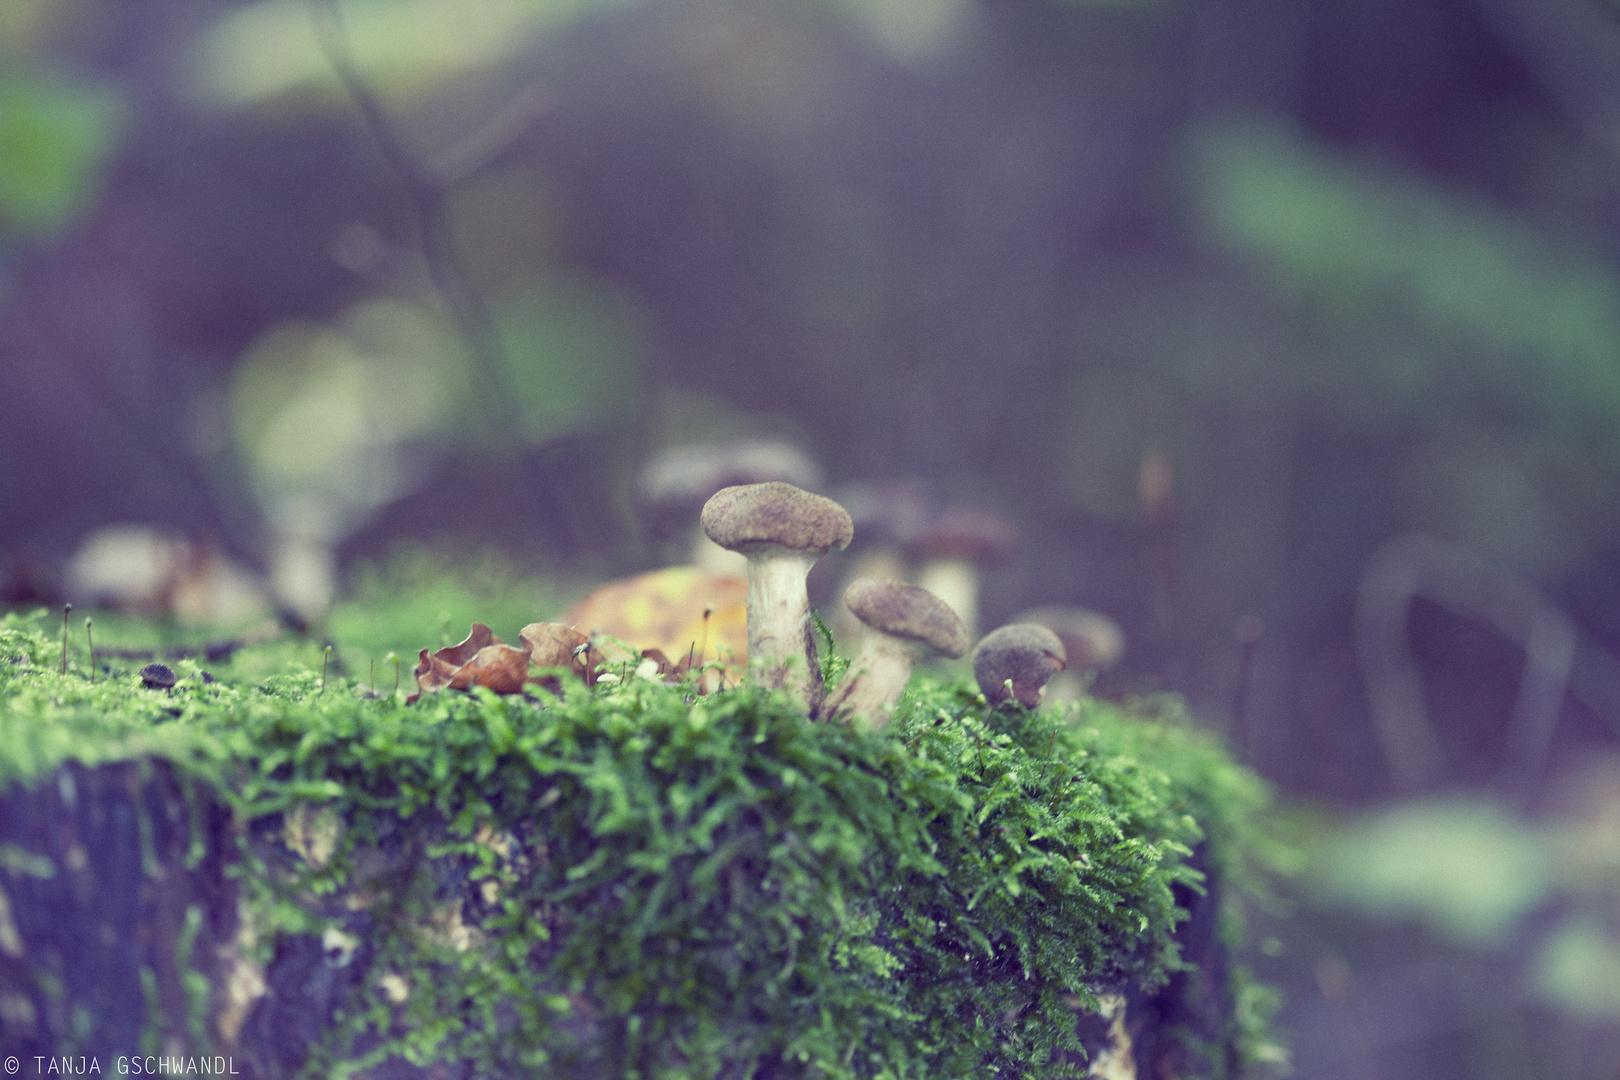 *Mushroom*